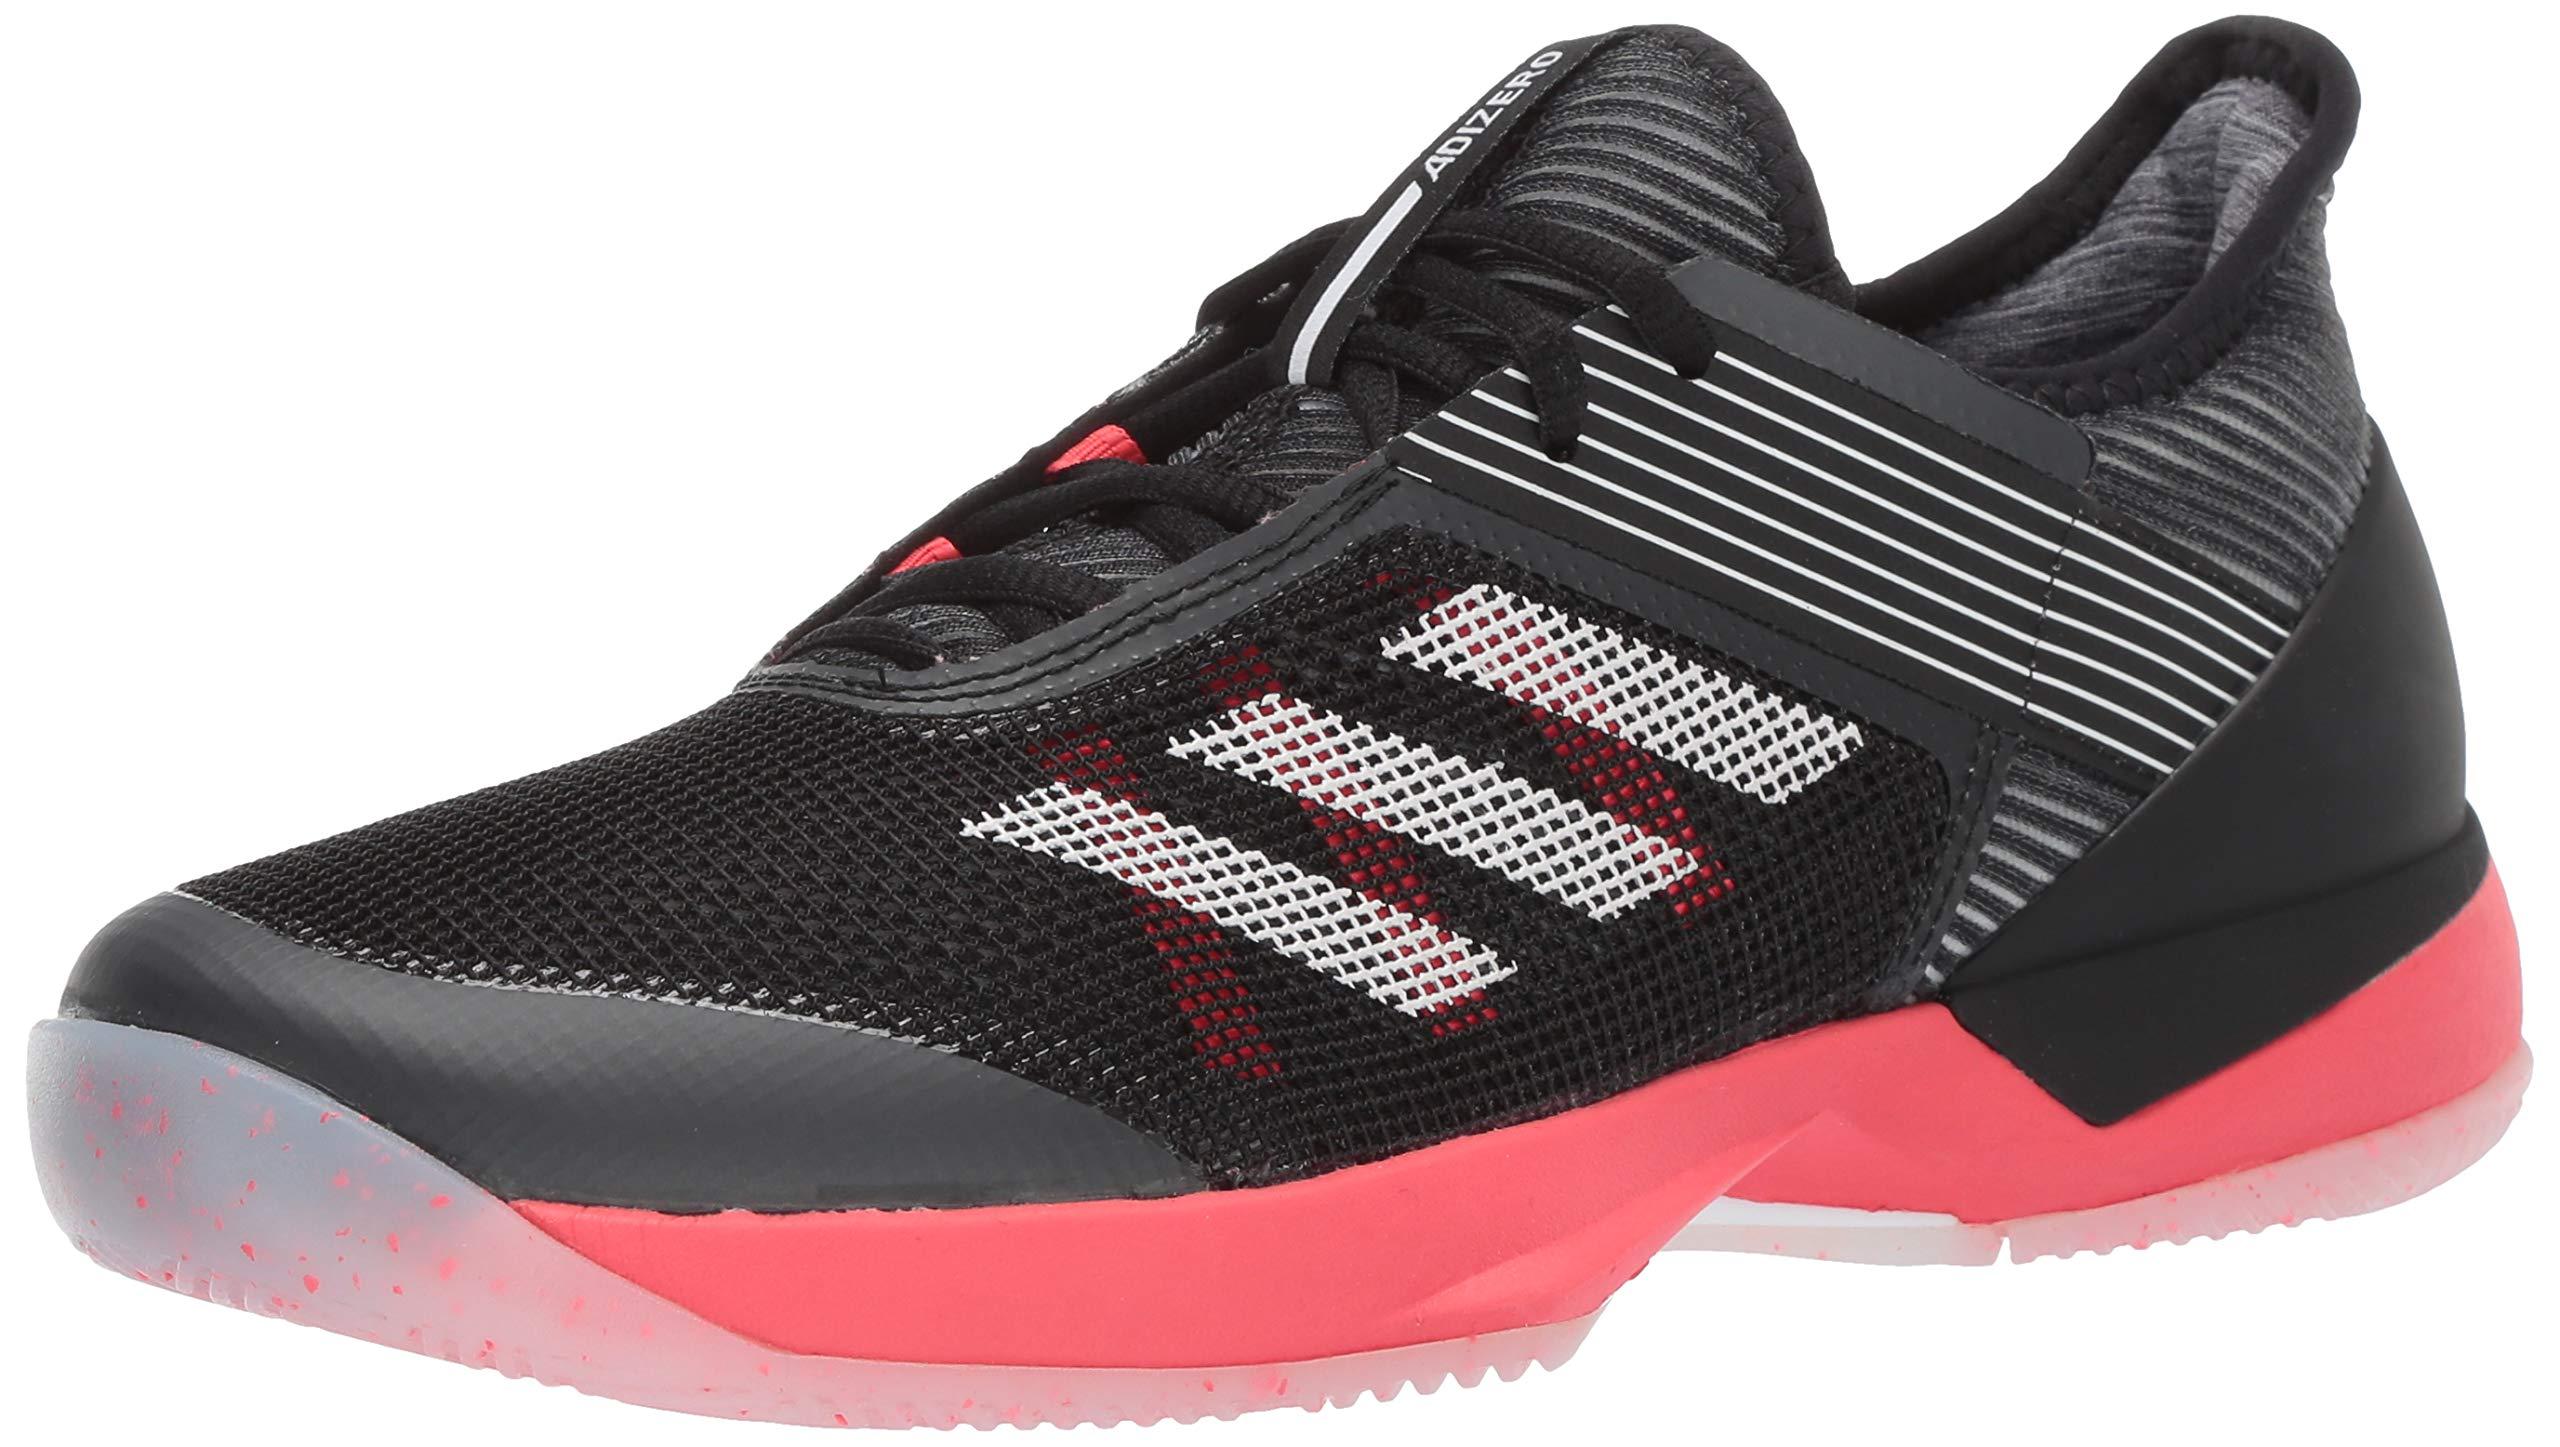 adidas Women's Adizero Ubersonic 3, Black/White/Shock red, 5.5 M US